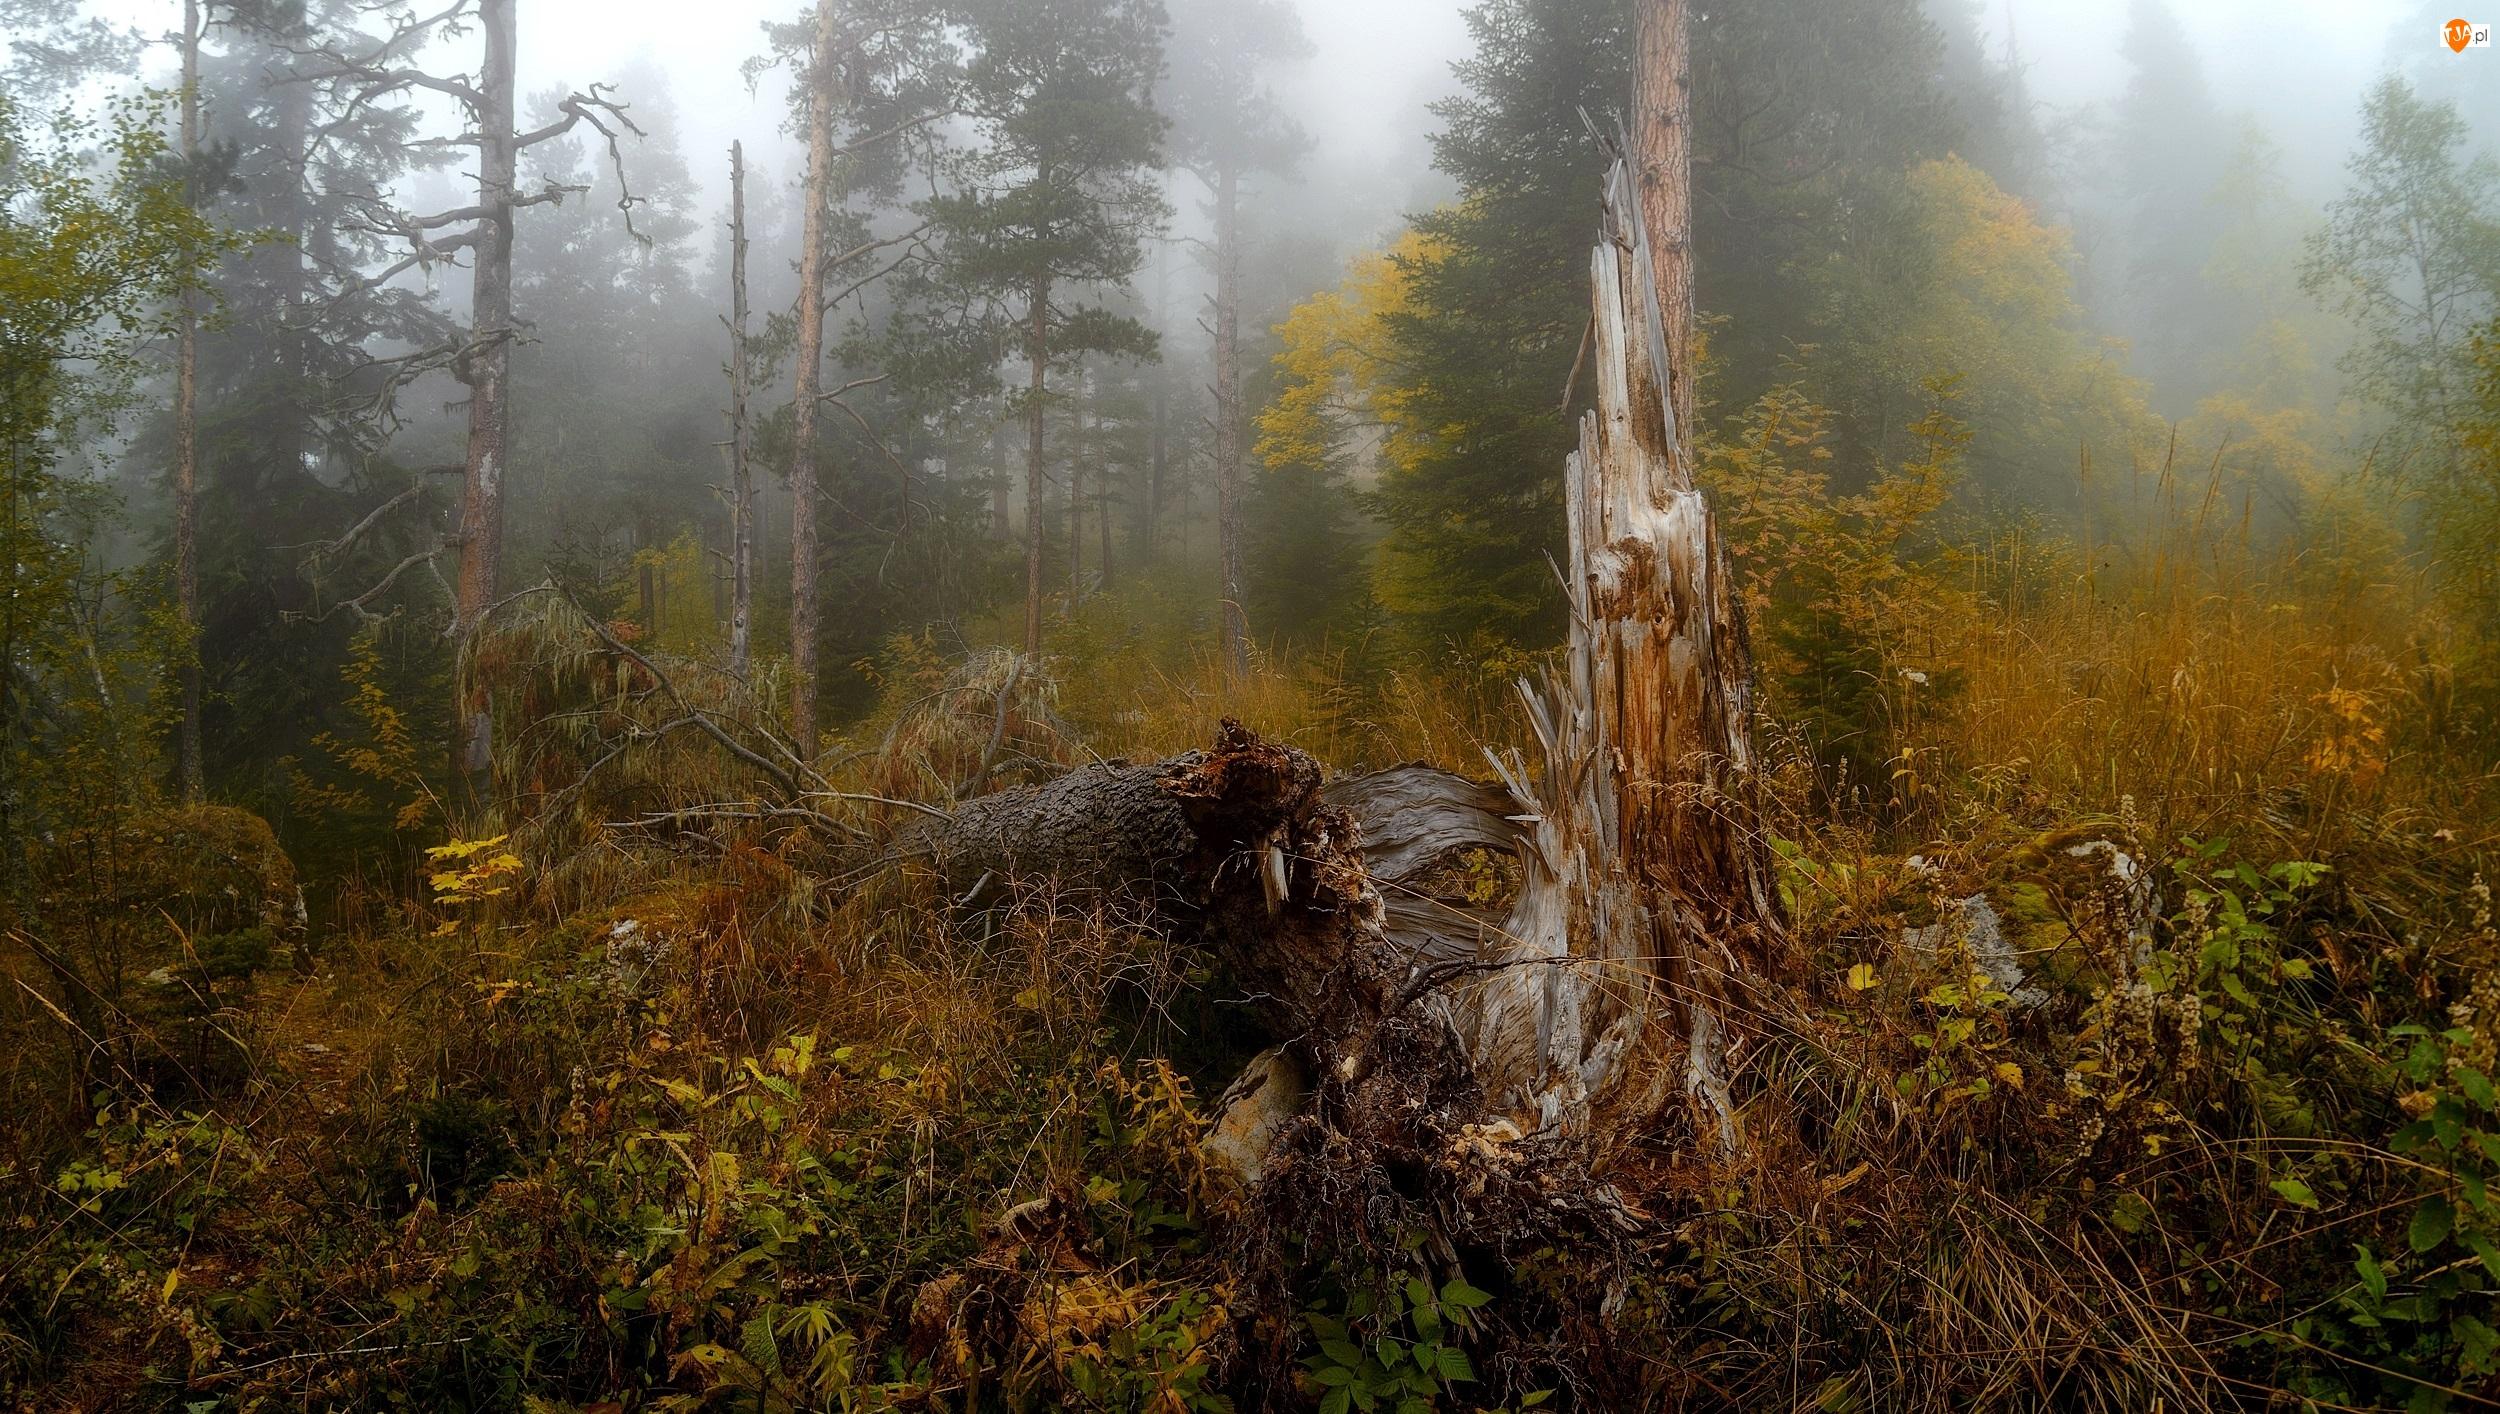 Las, Drzewa, Drzewo, Jesień, Powalone, Rośliny, Mgła